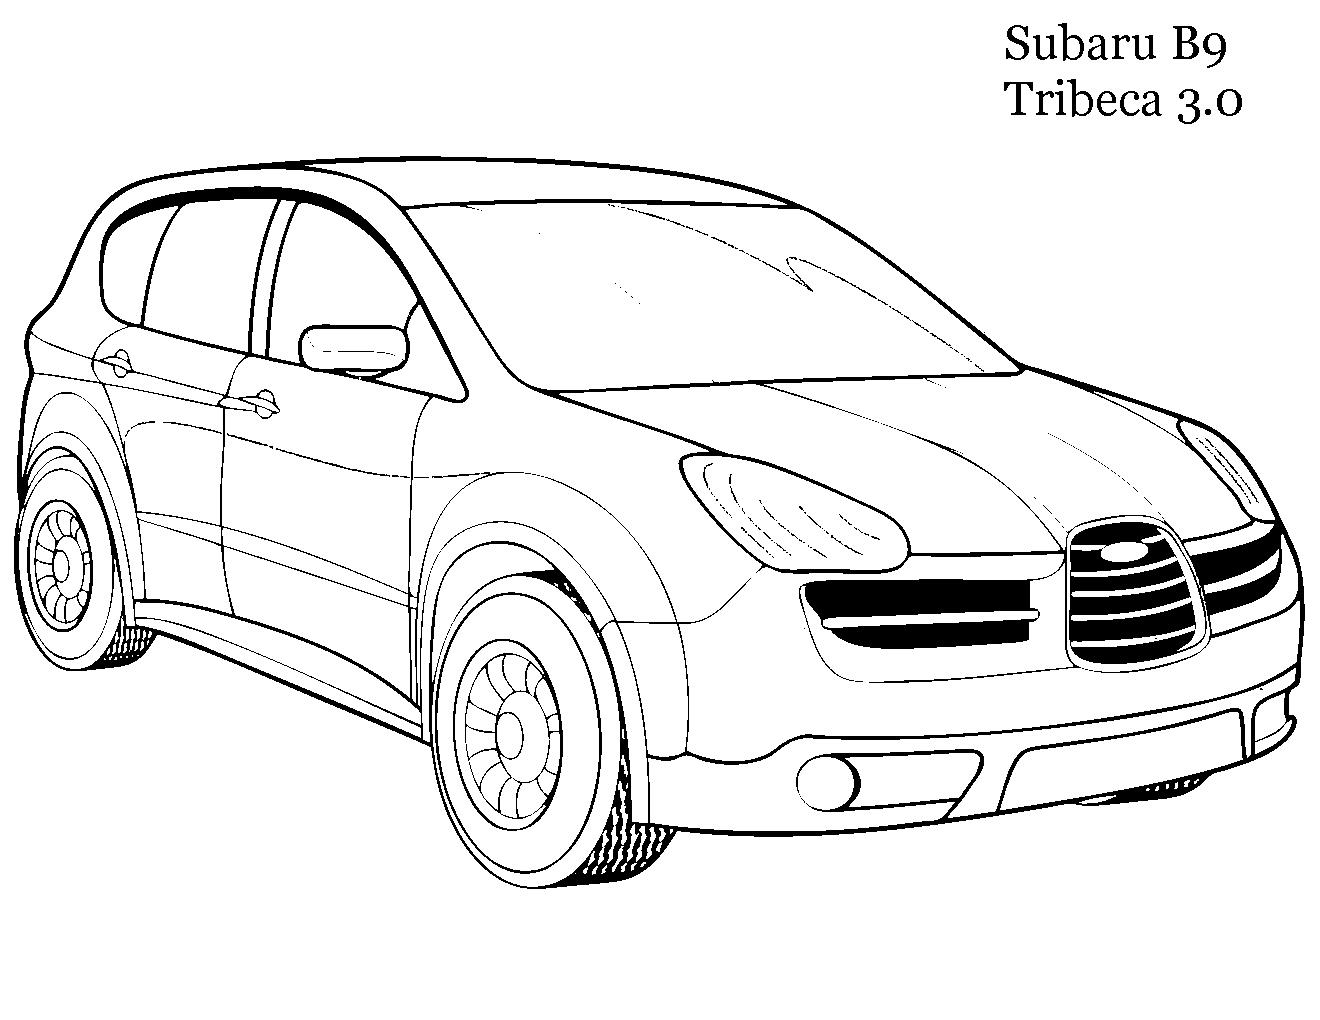 Subaru b9 tribeca 3.0 Скачать раскраски для мальчиков